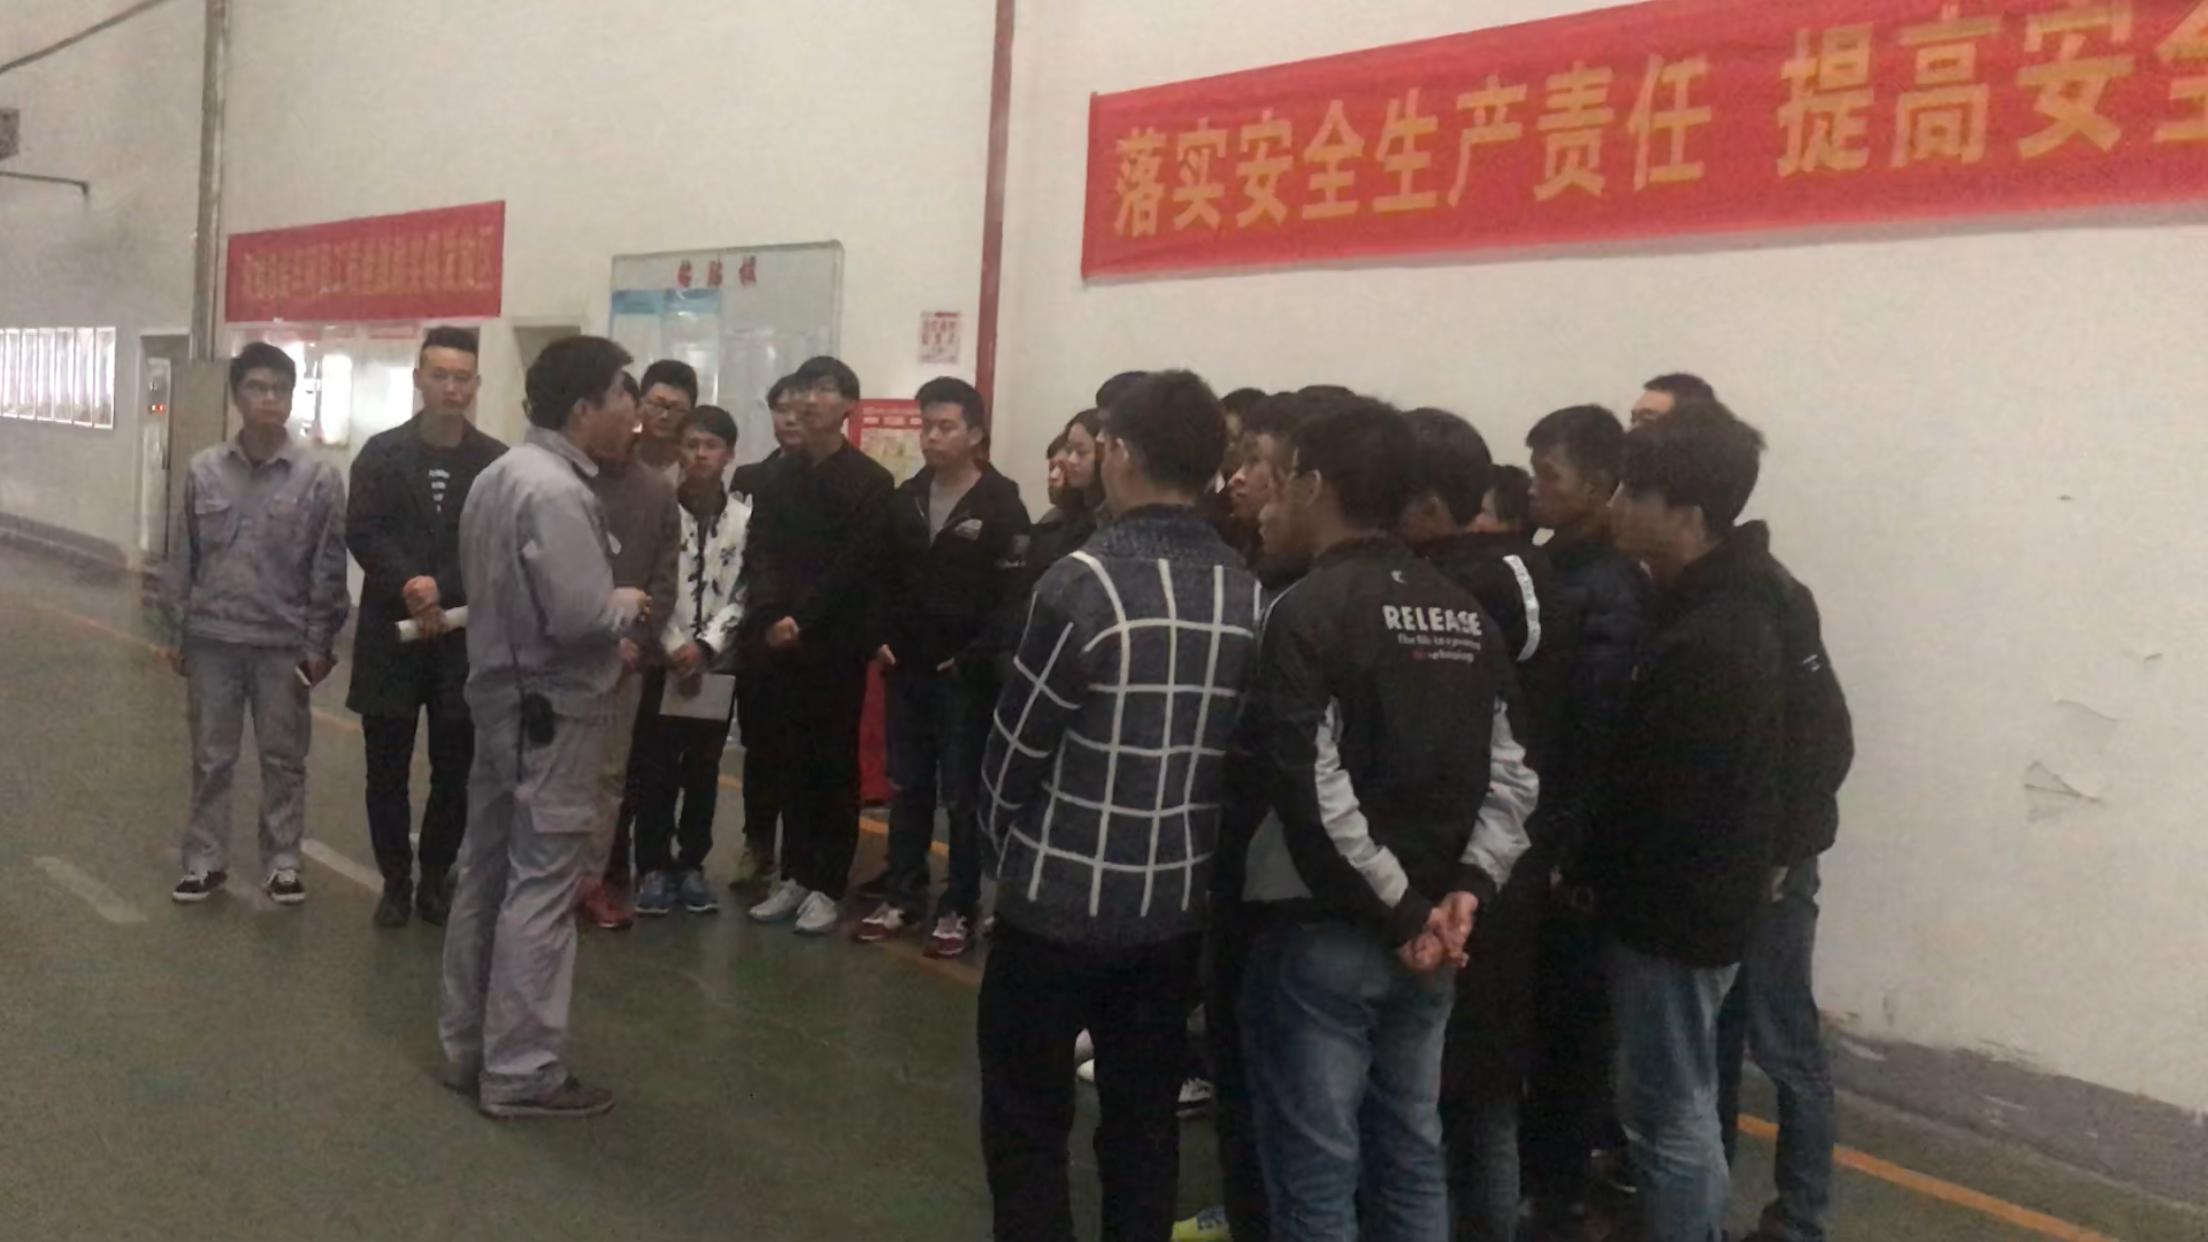 【公运】重庆公共运输职业学院学生参观东风小康汽车有限公司